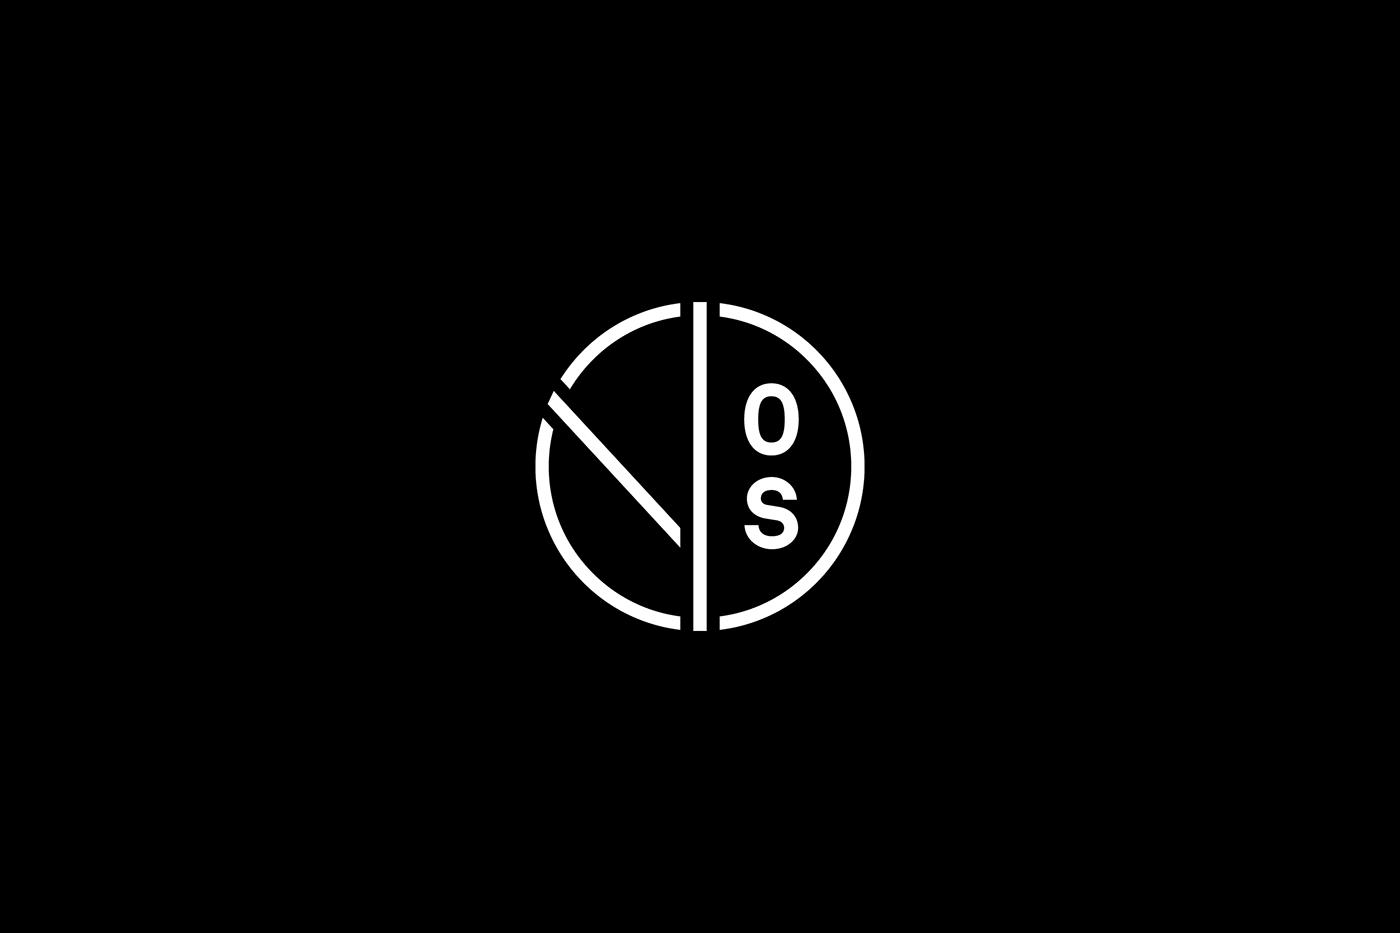 logos logo modern minimal circle symbol logopack type Custom lettering